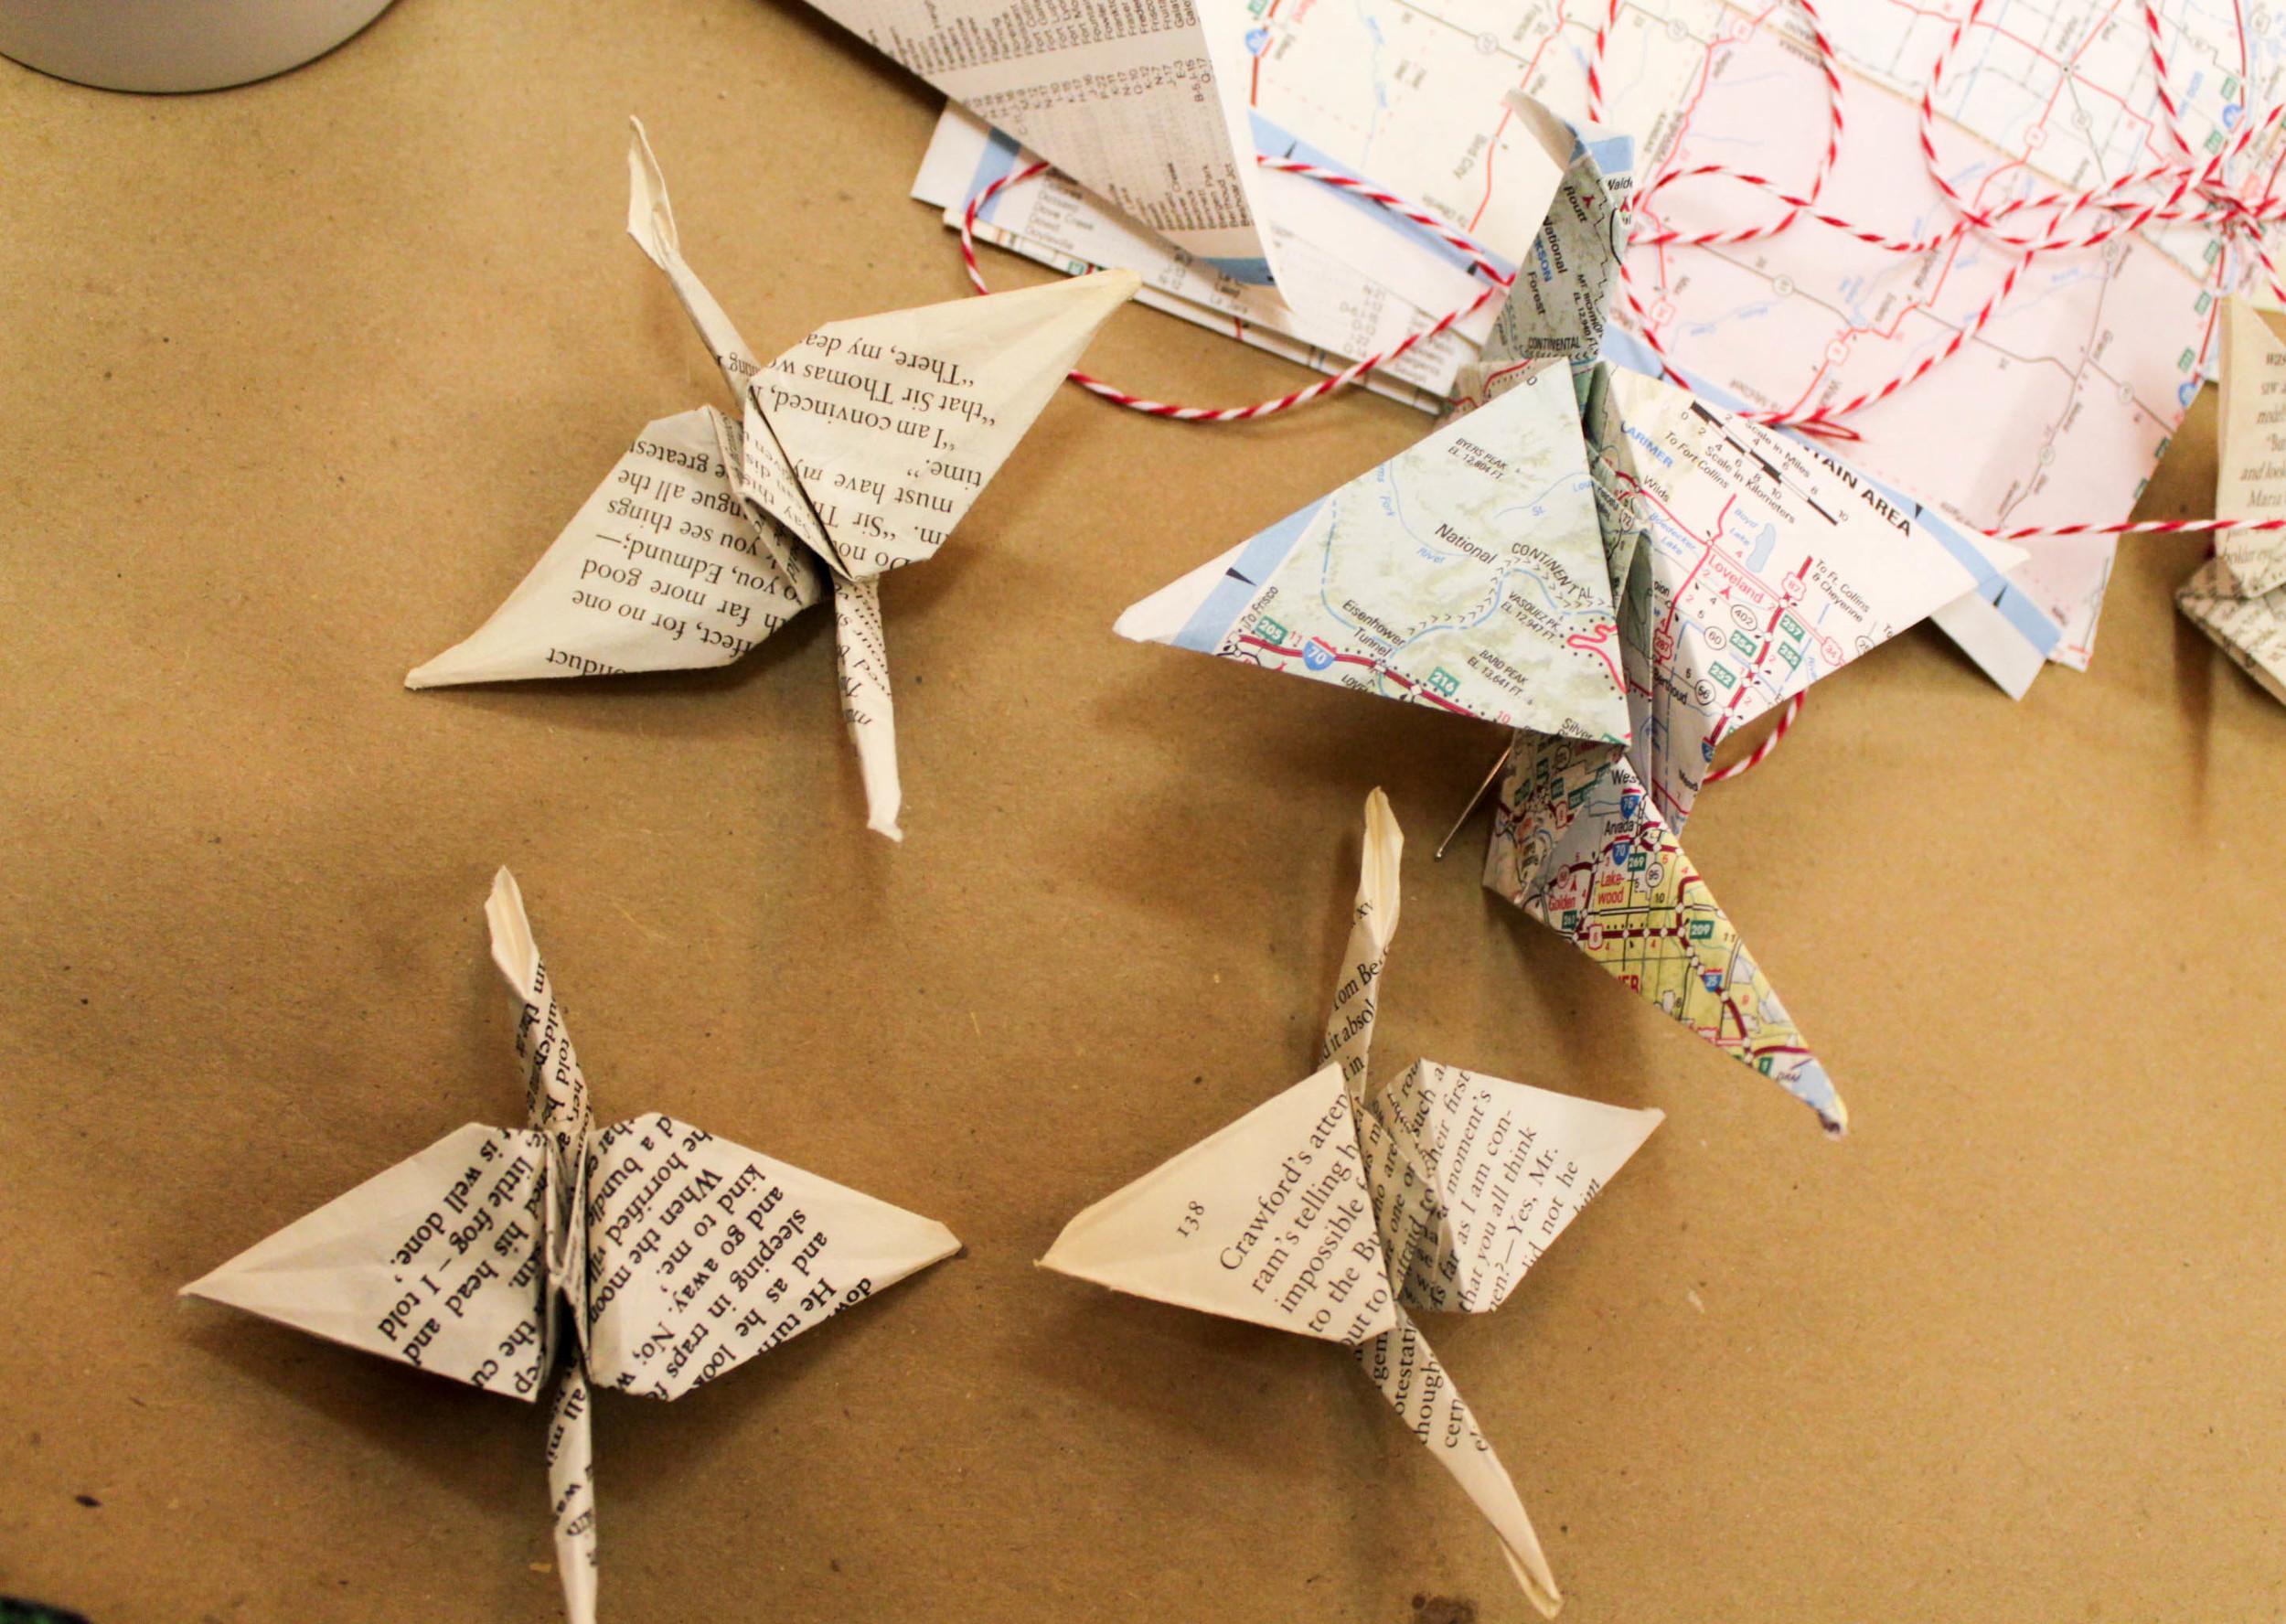 paper-cranes-etxe-28.jpg